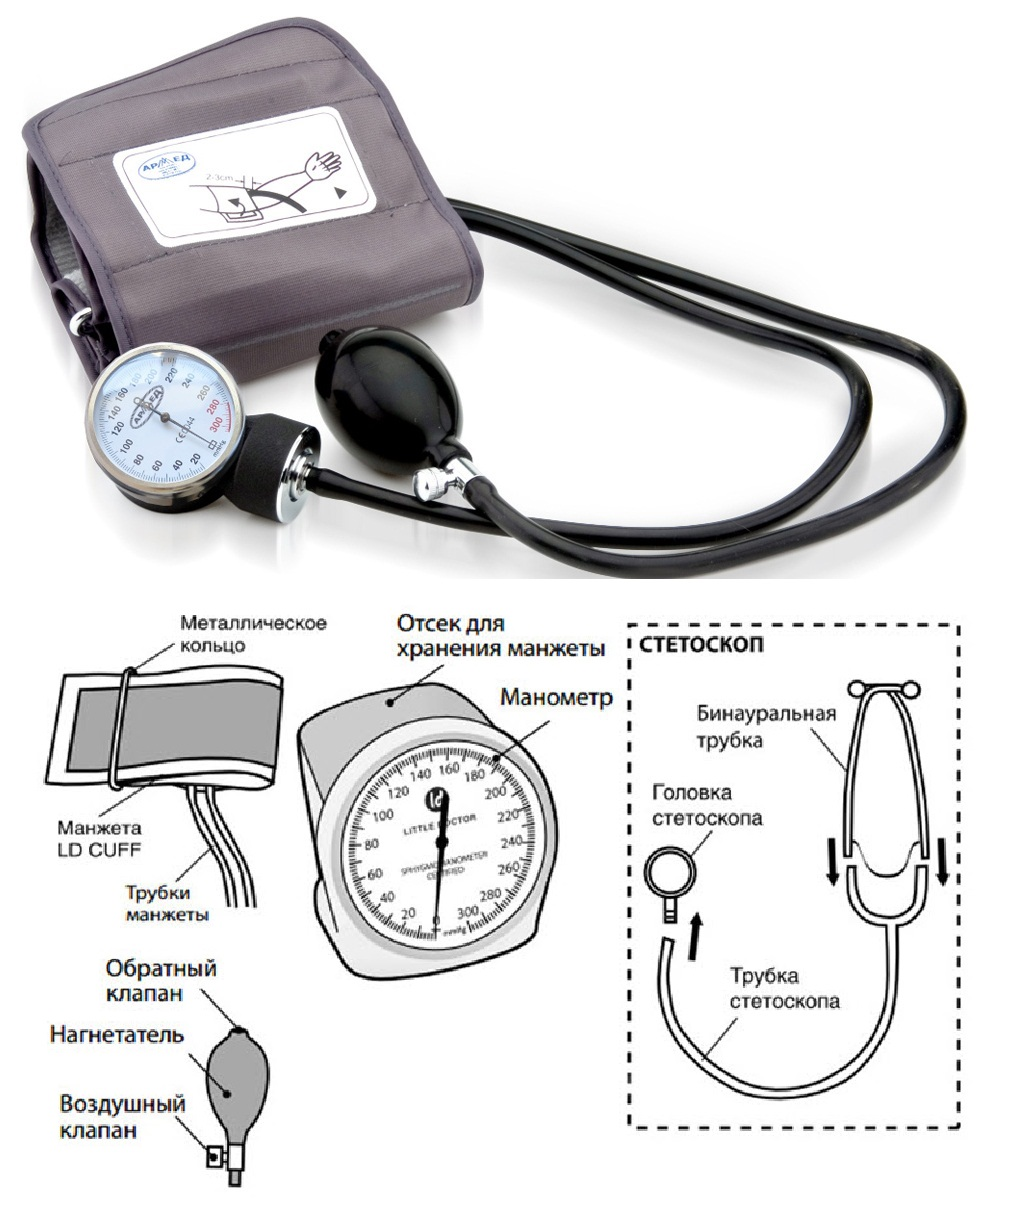 тонометр механический картинки в каких единицах измеряется артериальное давление отличие